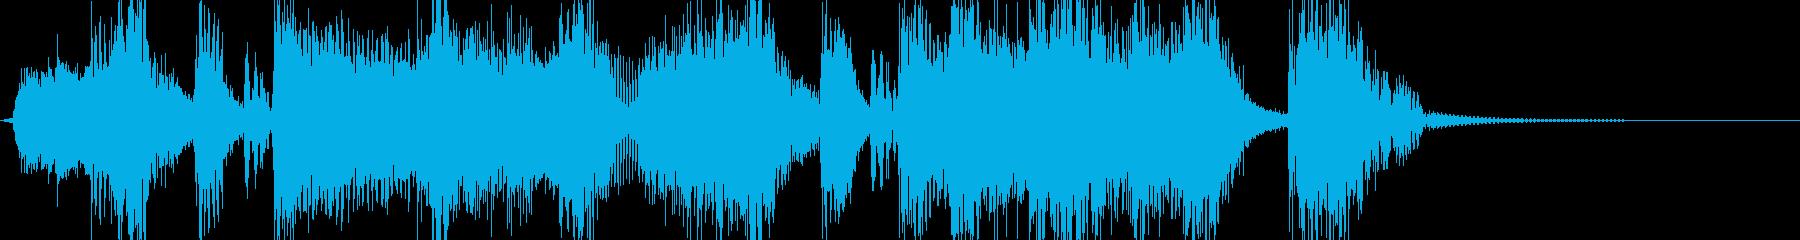 筋肉隆々 マッスルなヒップホップジングルの再生済みの波形